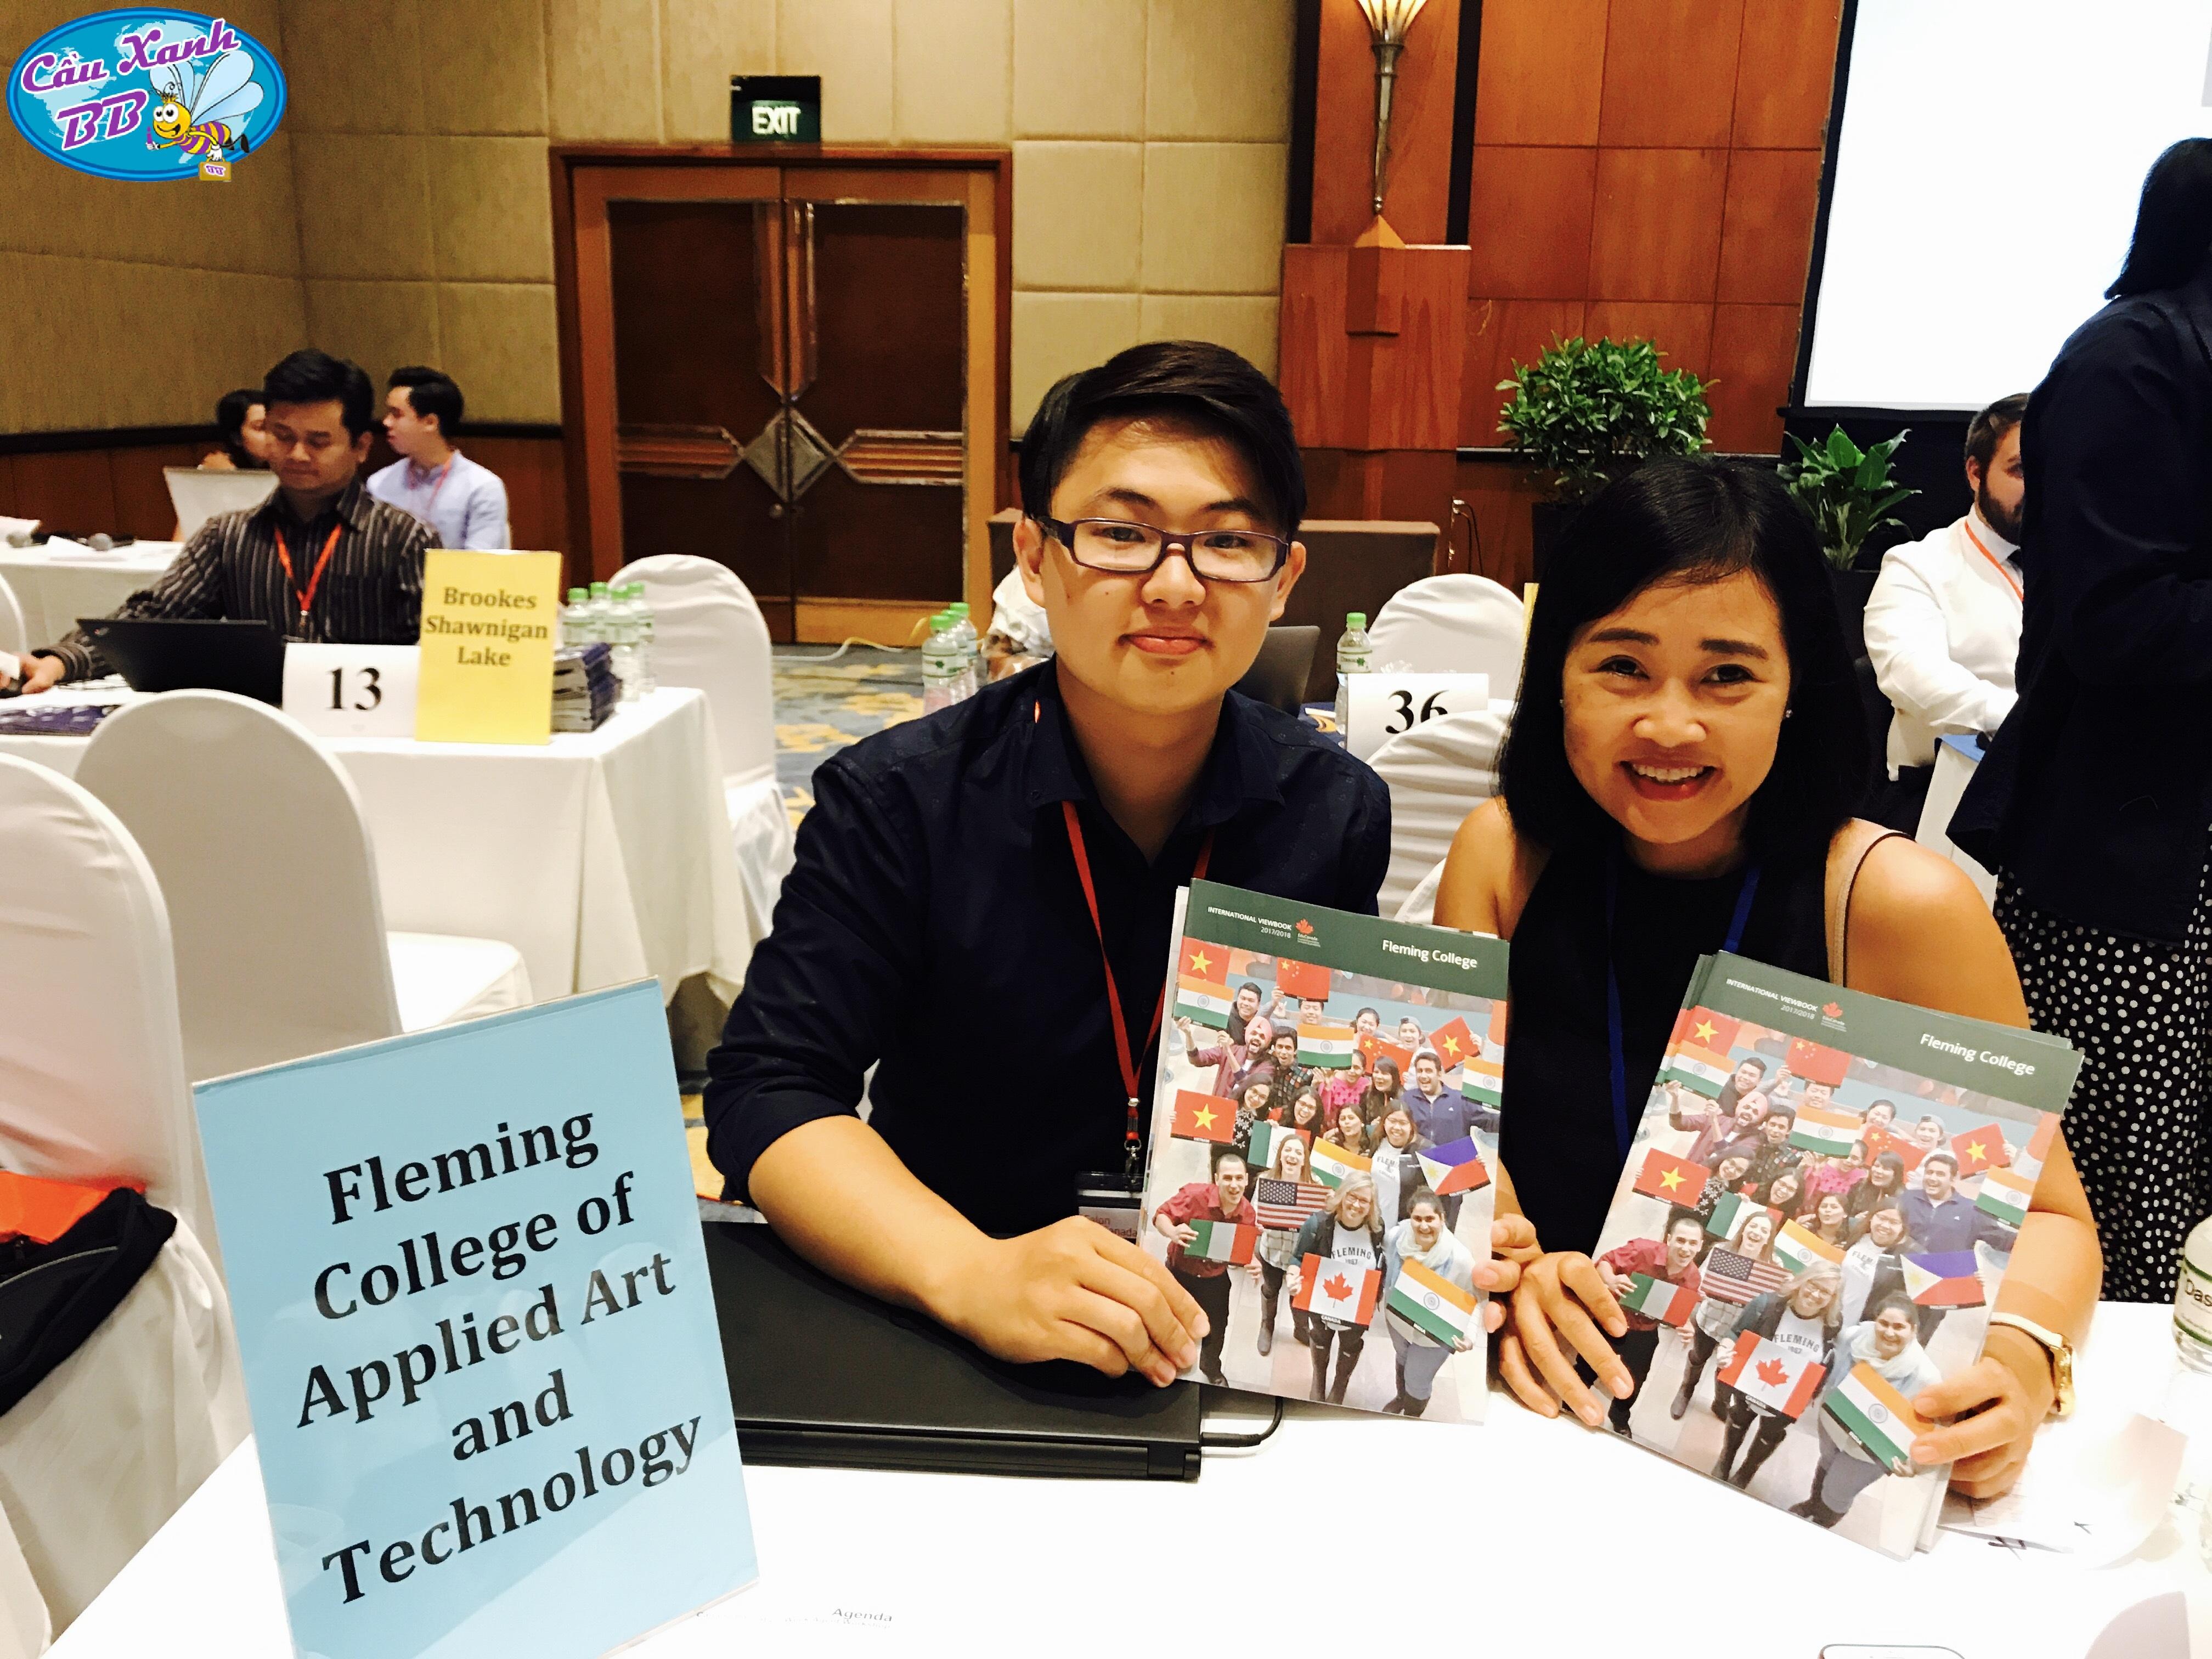 Du học Canada tại trường Fleming College – điểm du học mới không cần chứng minh tài chính